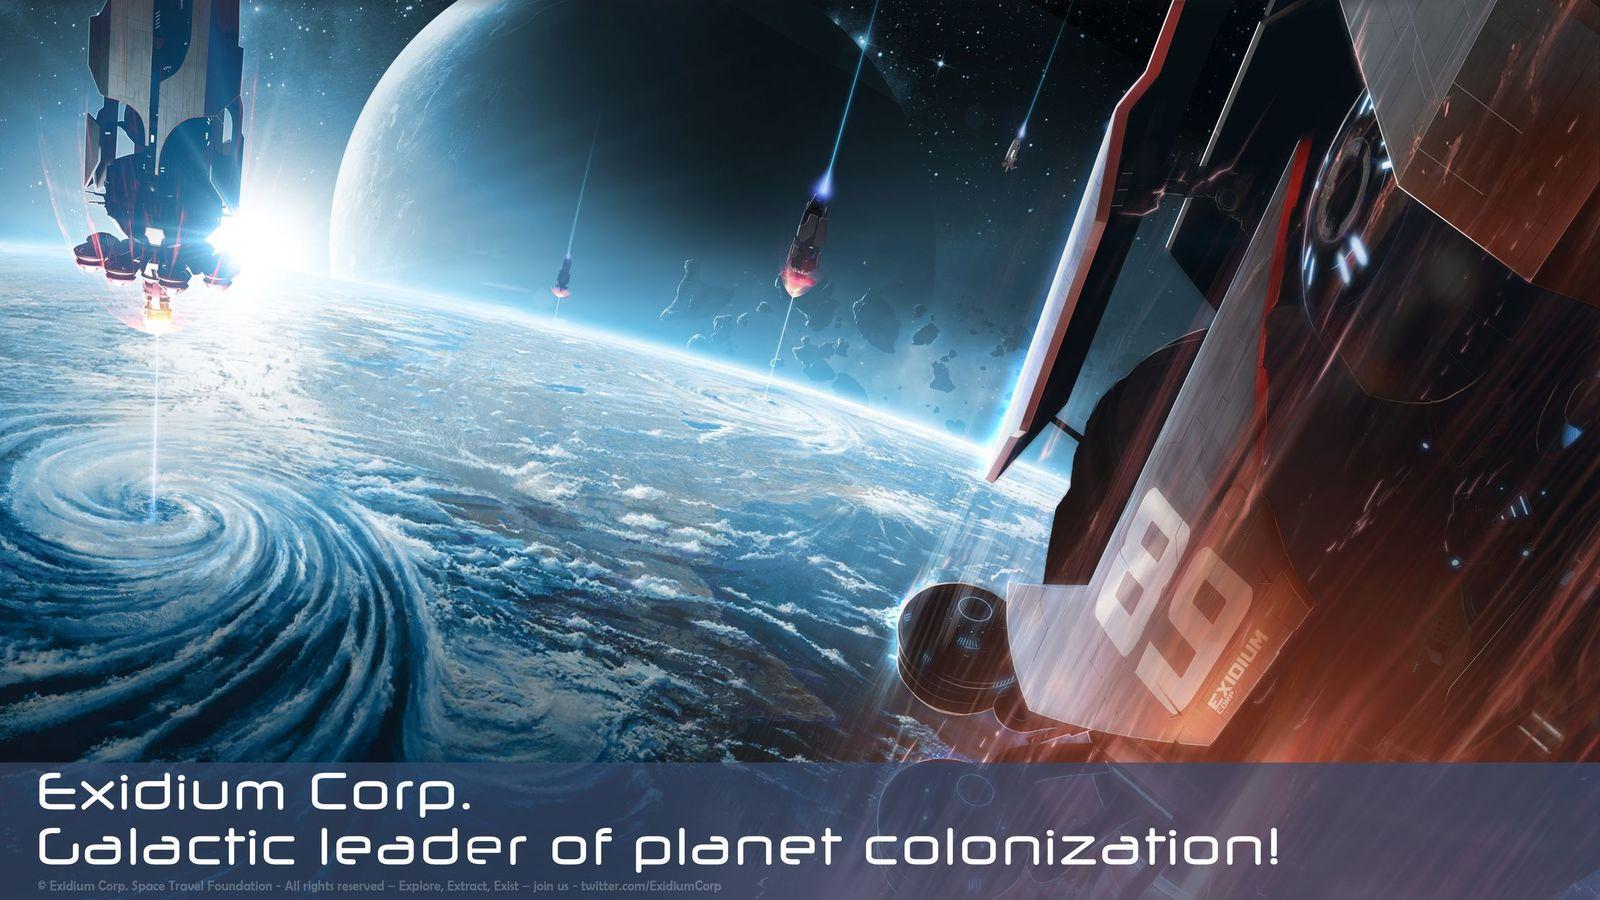 Exidium Corp... planet terraforming...